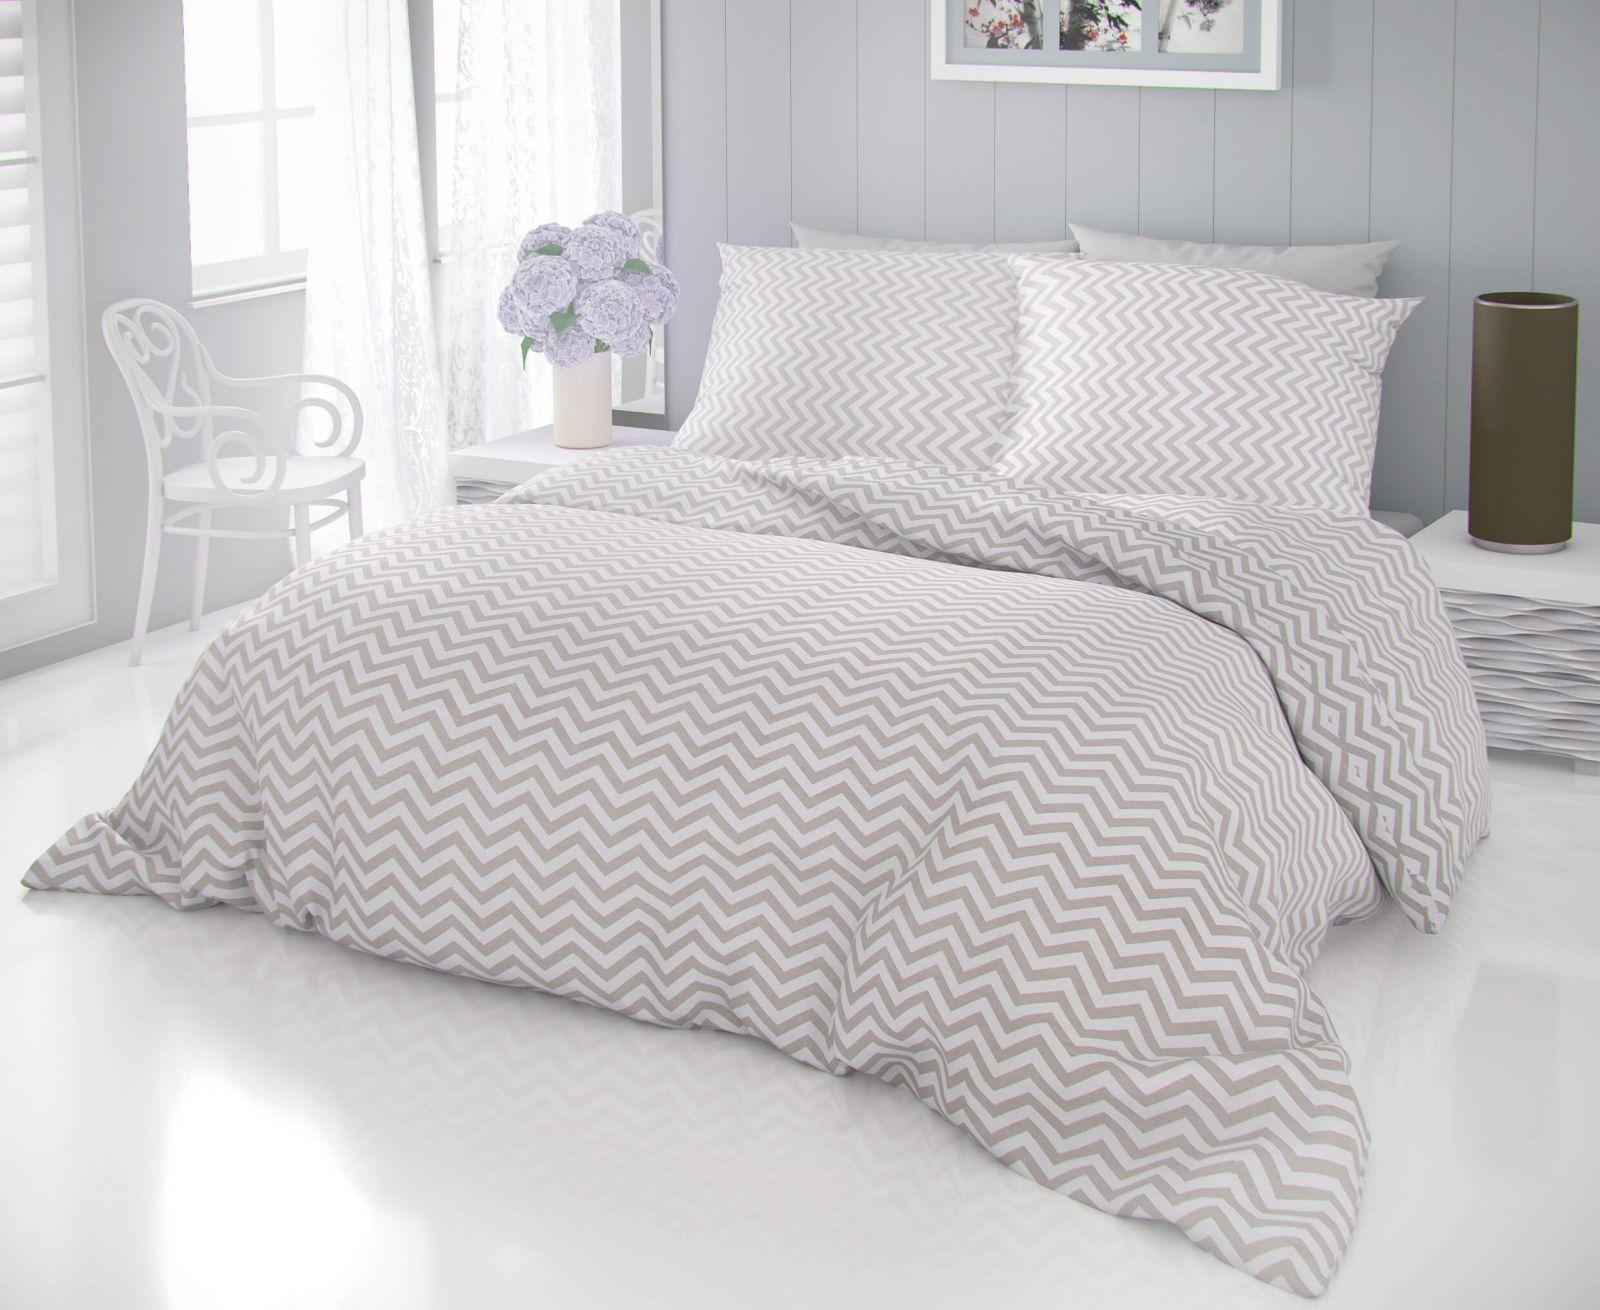 Kvalitní bavlněné povlečení s jednoduchým geometrickým tvarem bílé a béžové barvy DELUX CROSS béžové Kvalitex